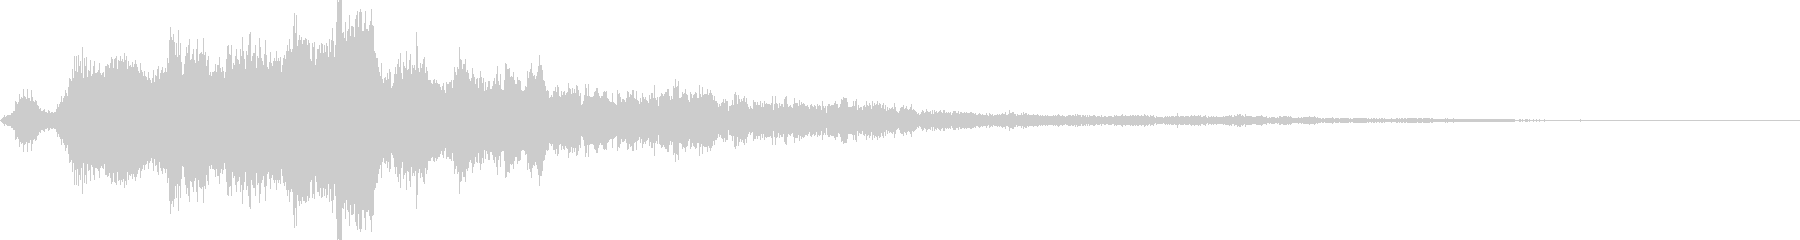 ケンタウルスのロゴ5の未再生の波形